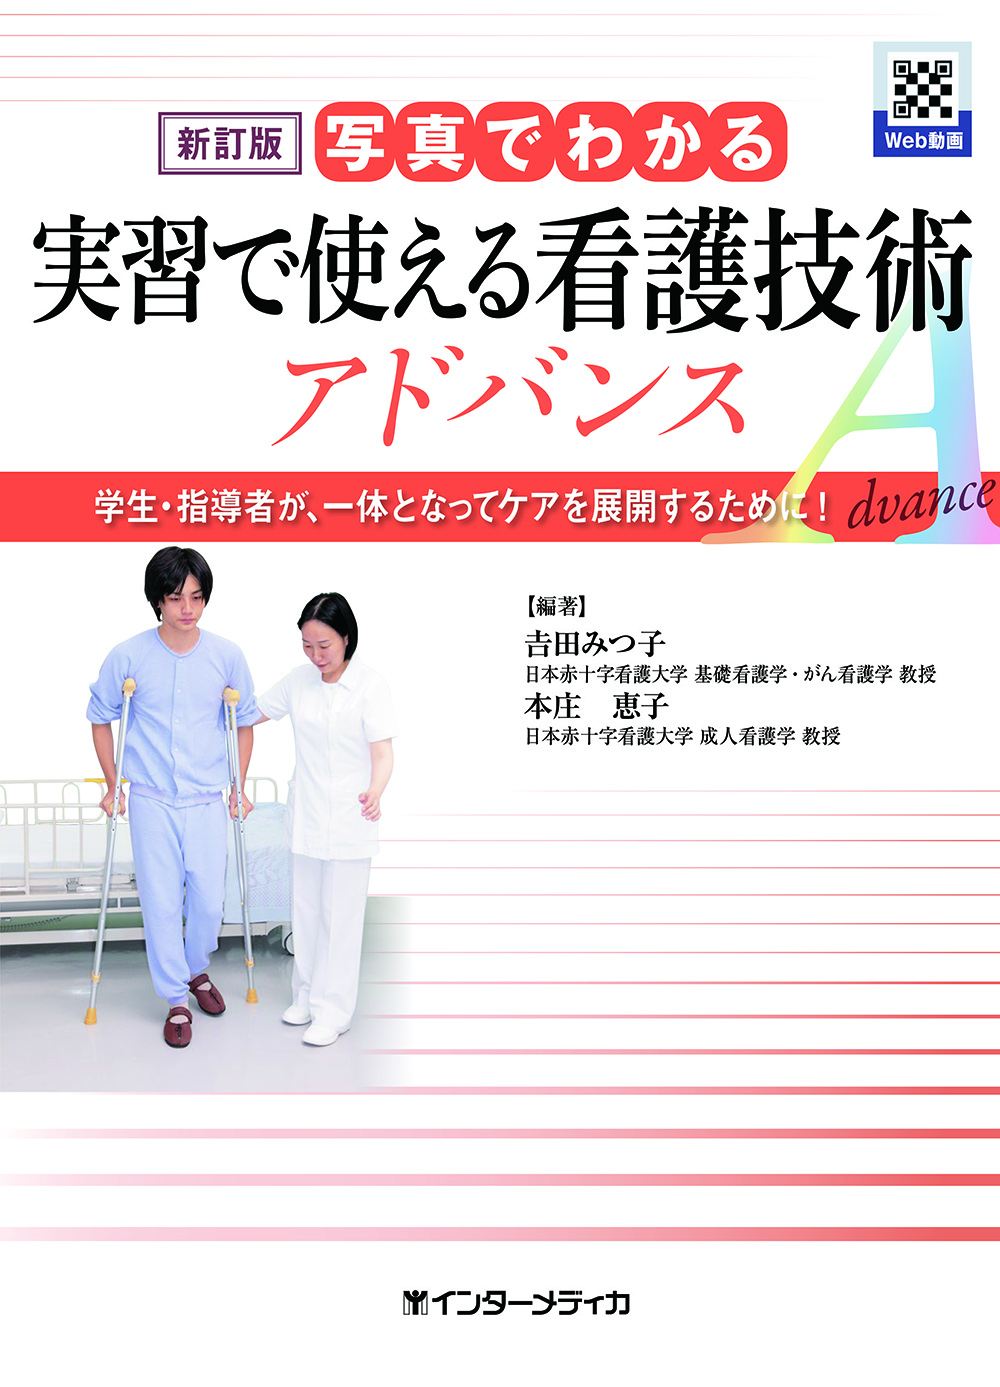 留置 看護 膀胱 カテーテル